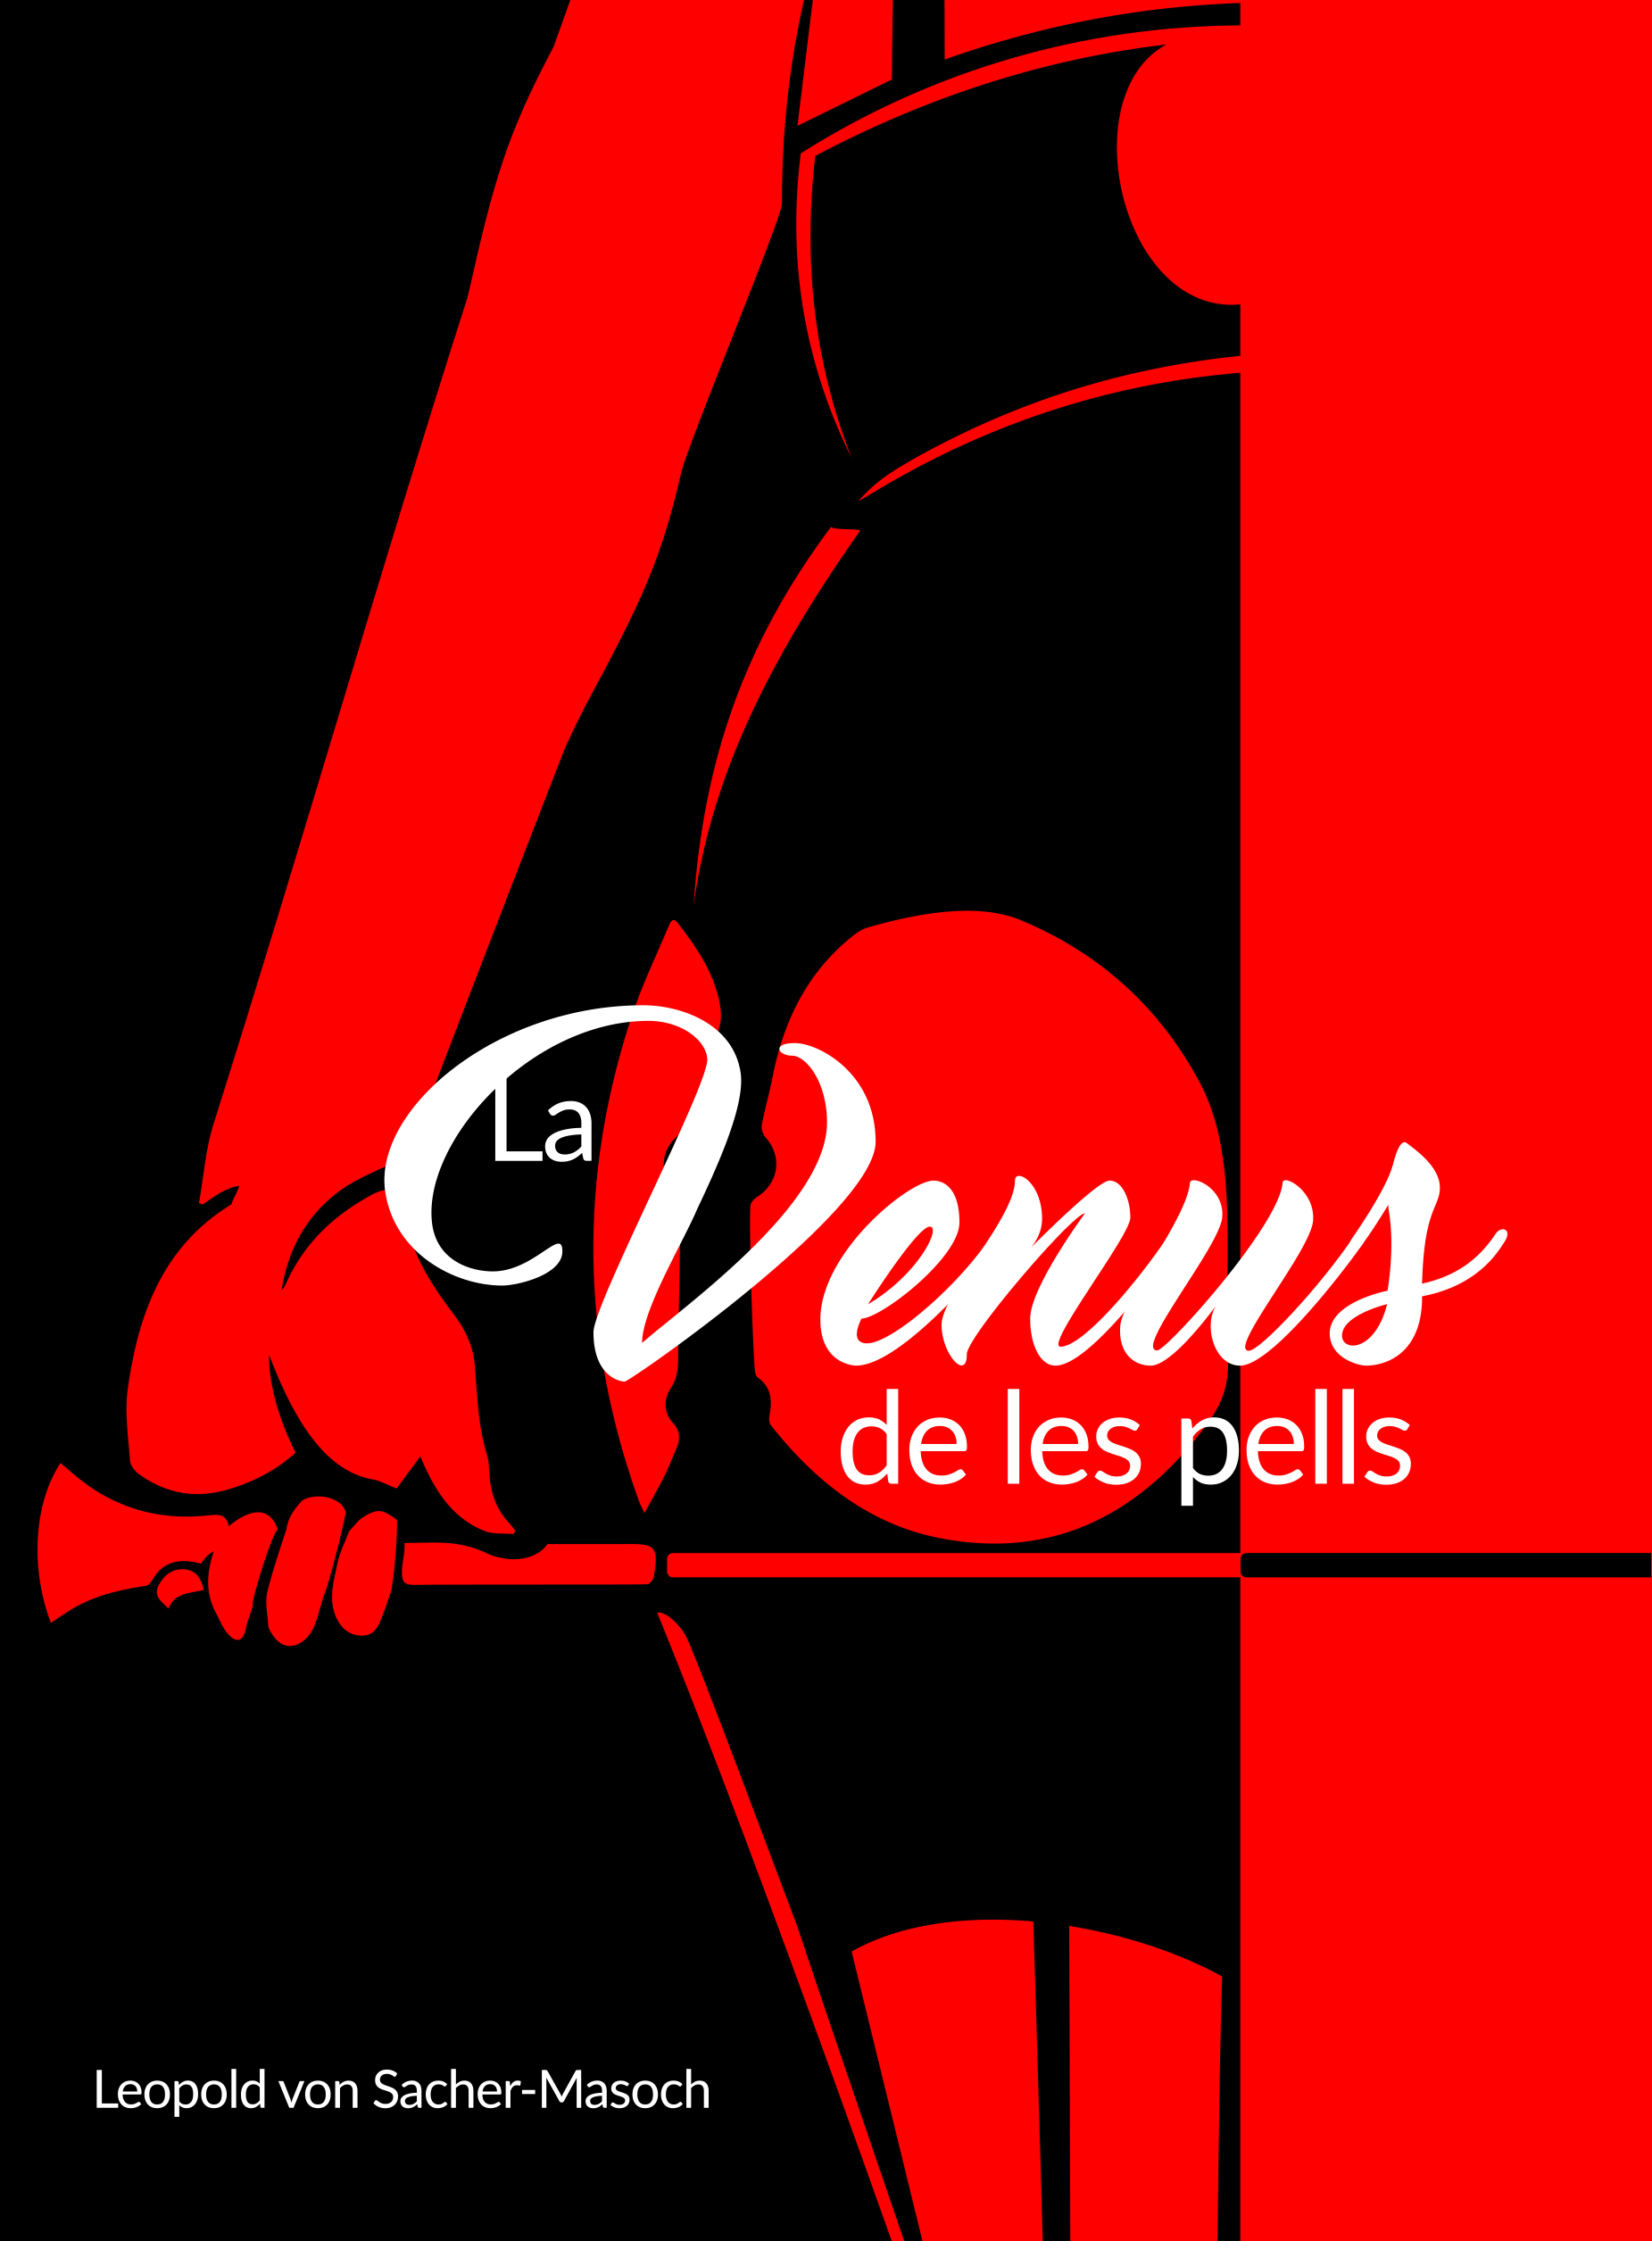 La Venus de les pells